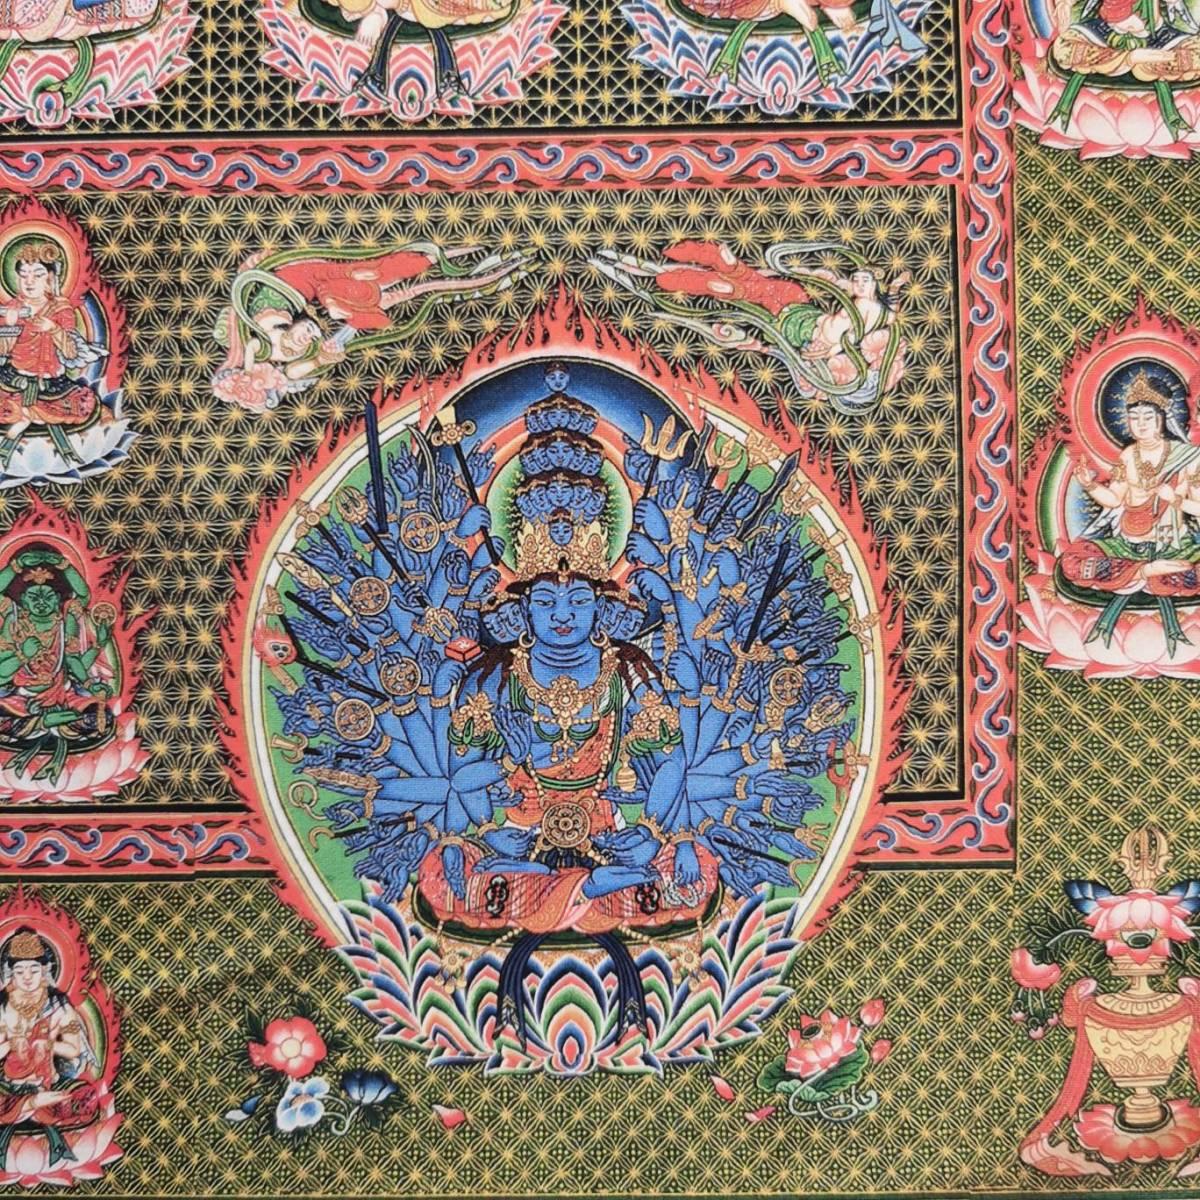 胎蔵界 曼荼羅 曼陀羅 マンダラ チベットタントリック タンカ 特別配布 印刷画  チベット仏像 大判 タンカ インテリア 装飾_画像4